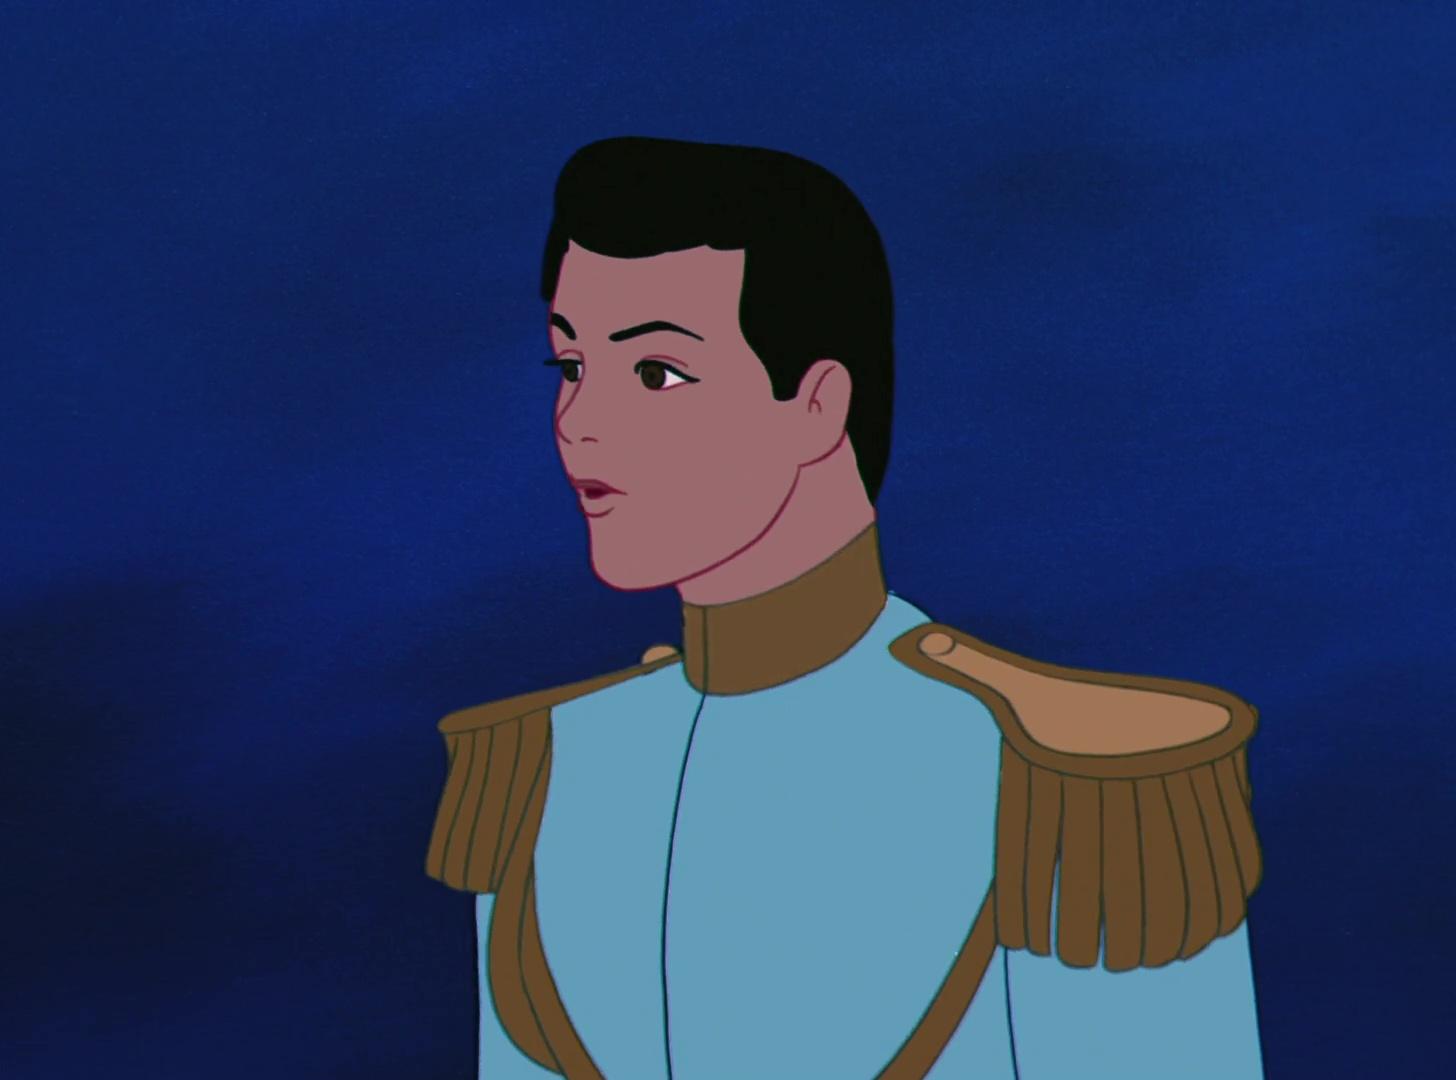 le prince de cendrillon